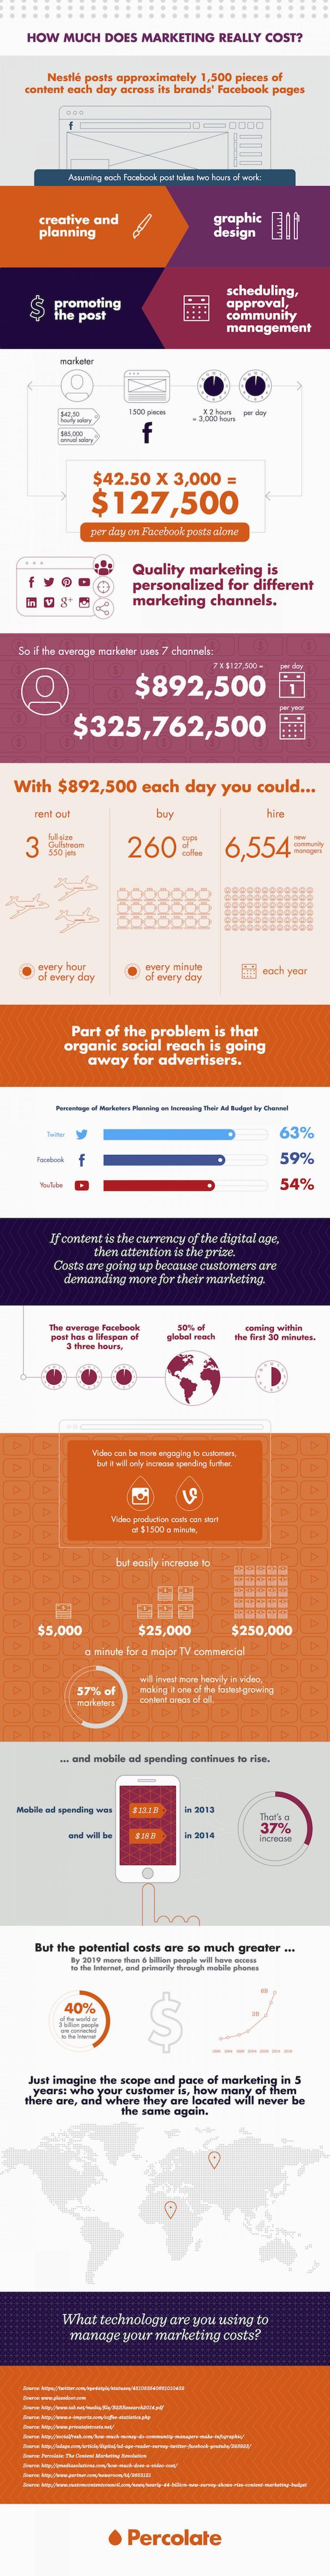 El marketing en cifras. Un ejemplo práctico de cuanto cuesta mantener una comunidad en línea.